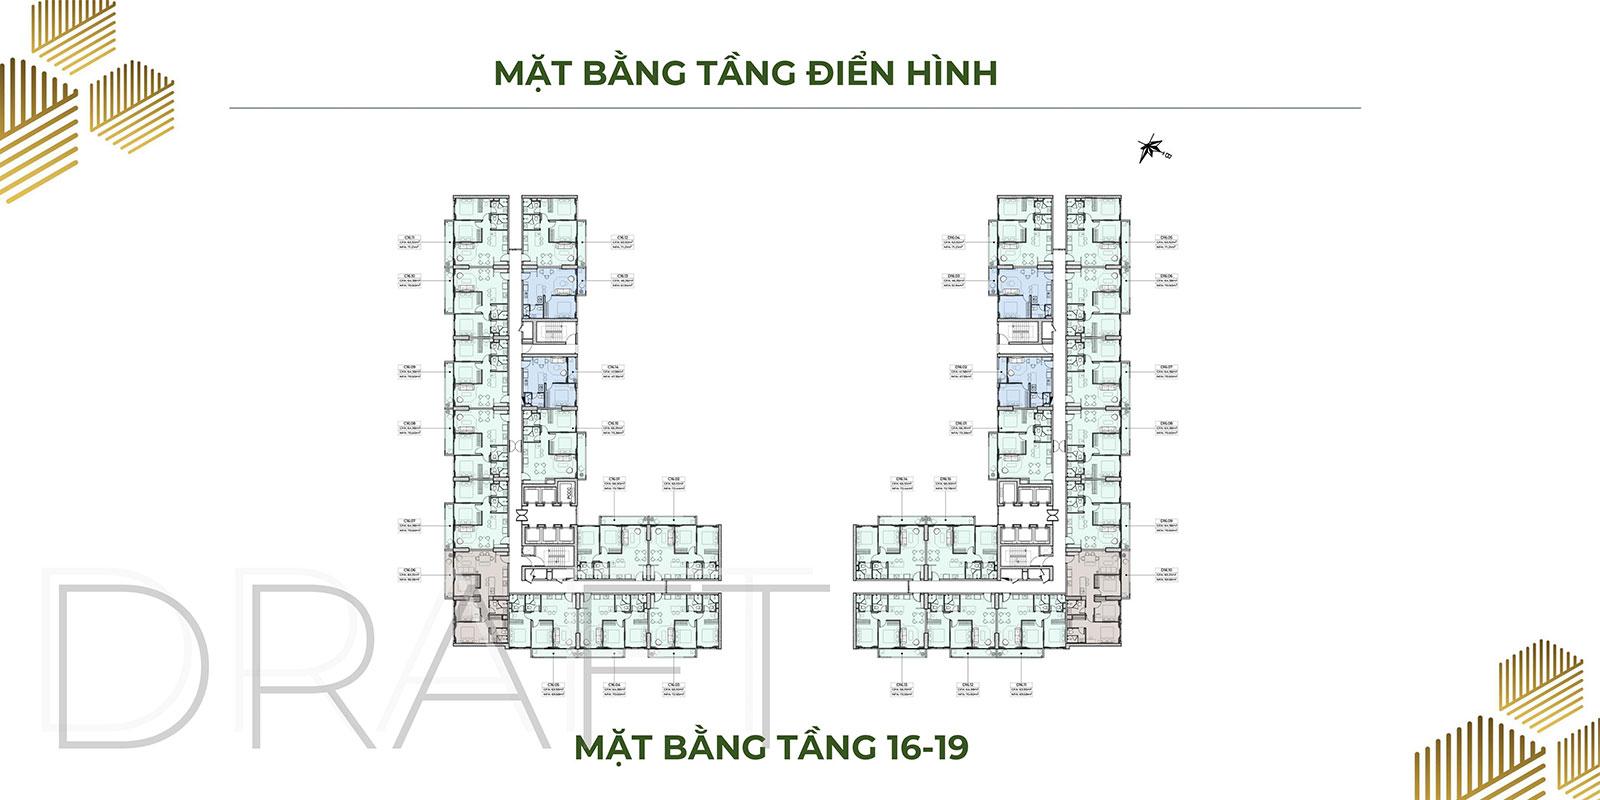 Mặt bằng dự án căn hộ Anderson Park tầng 16 - 19